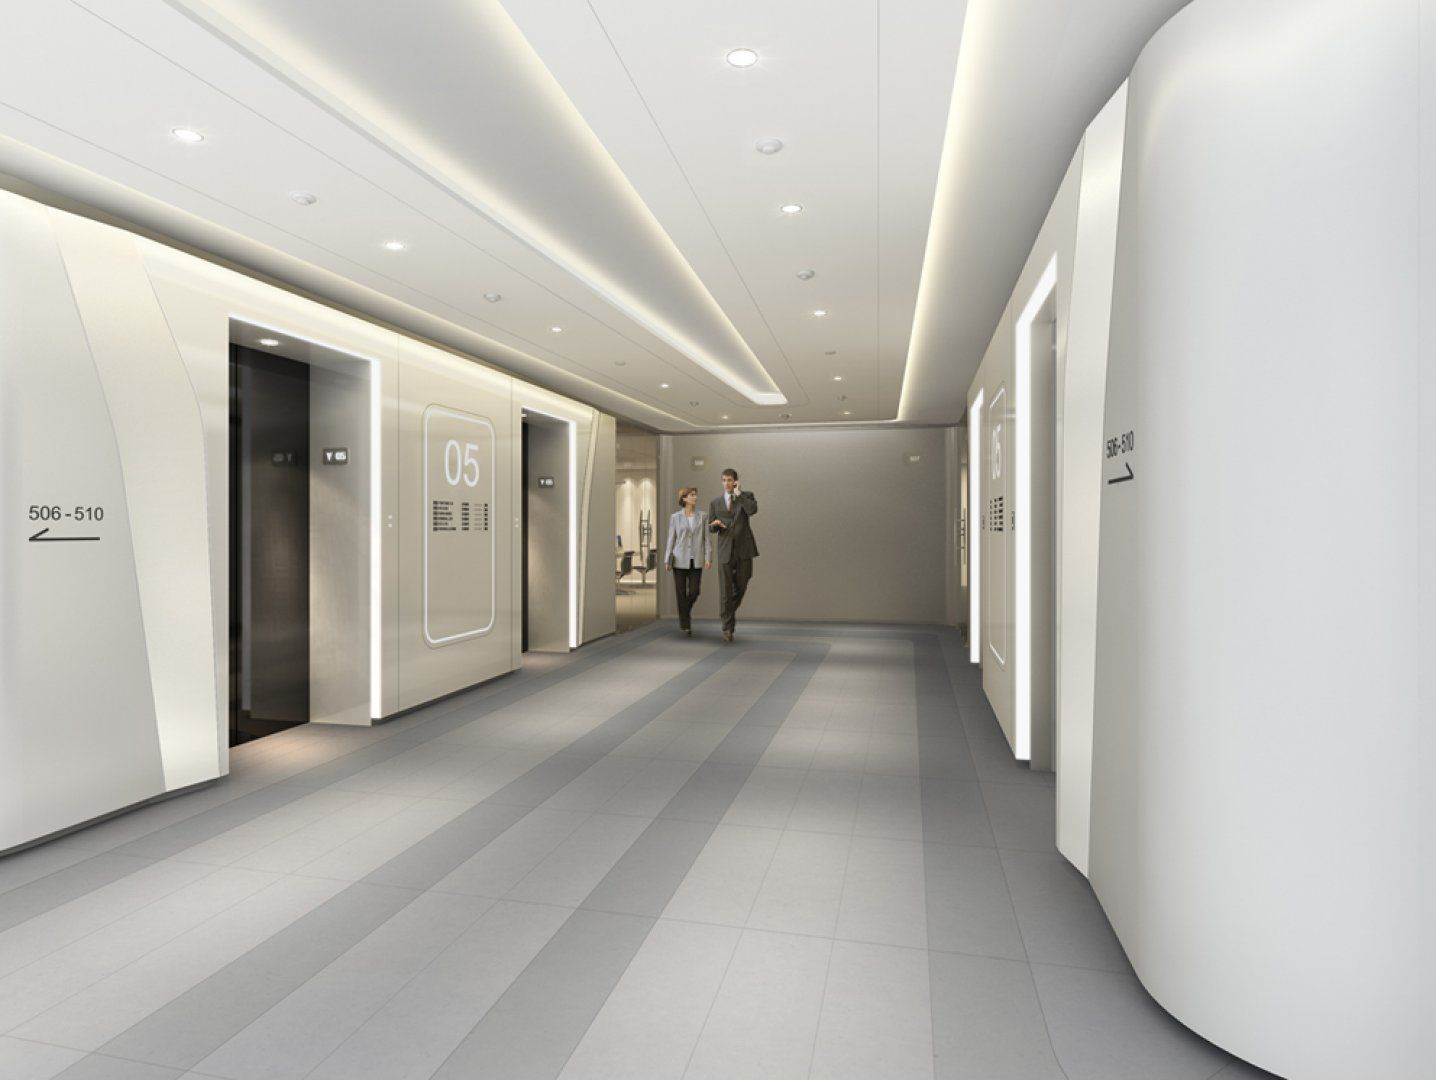 Sky Soho By Zaha Hadid Architects With Images Zaha Hadid